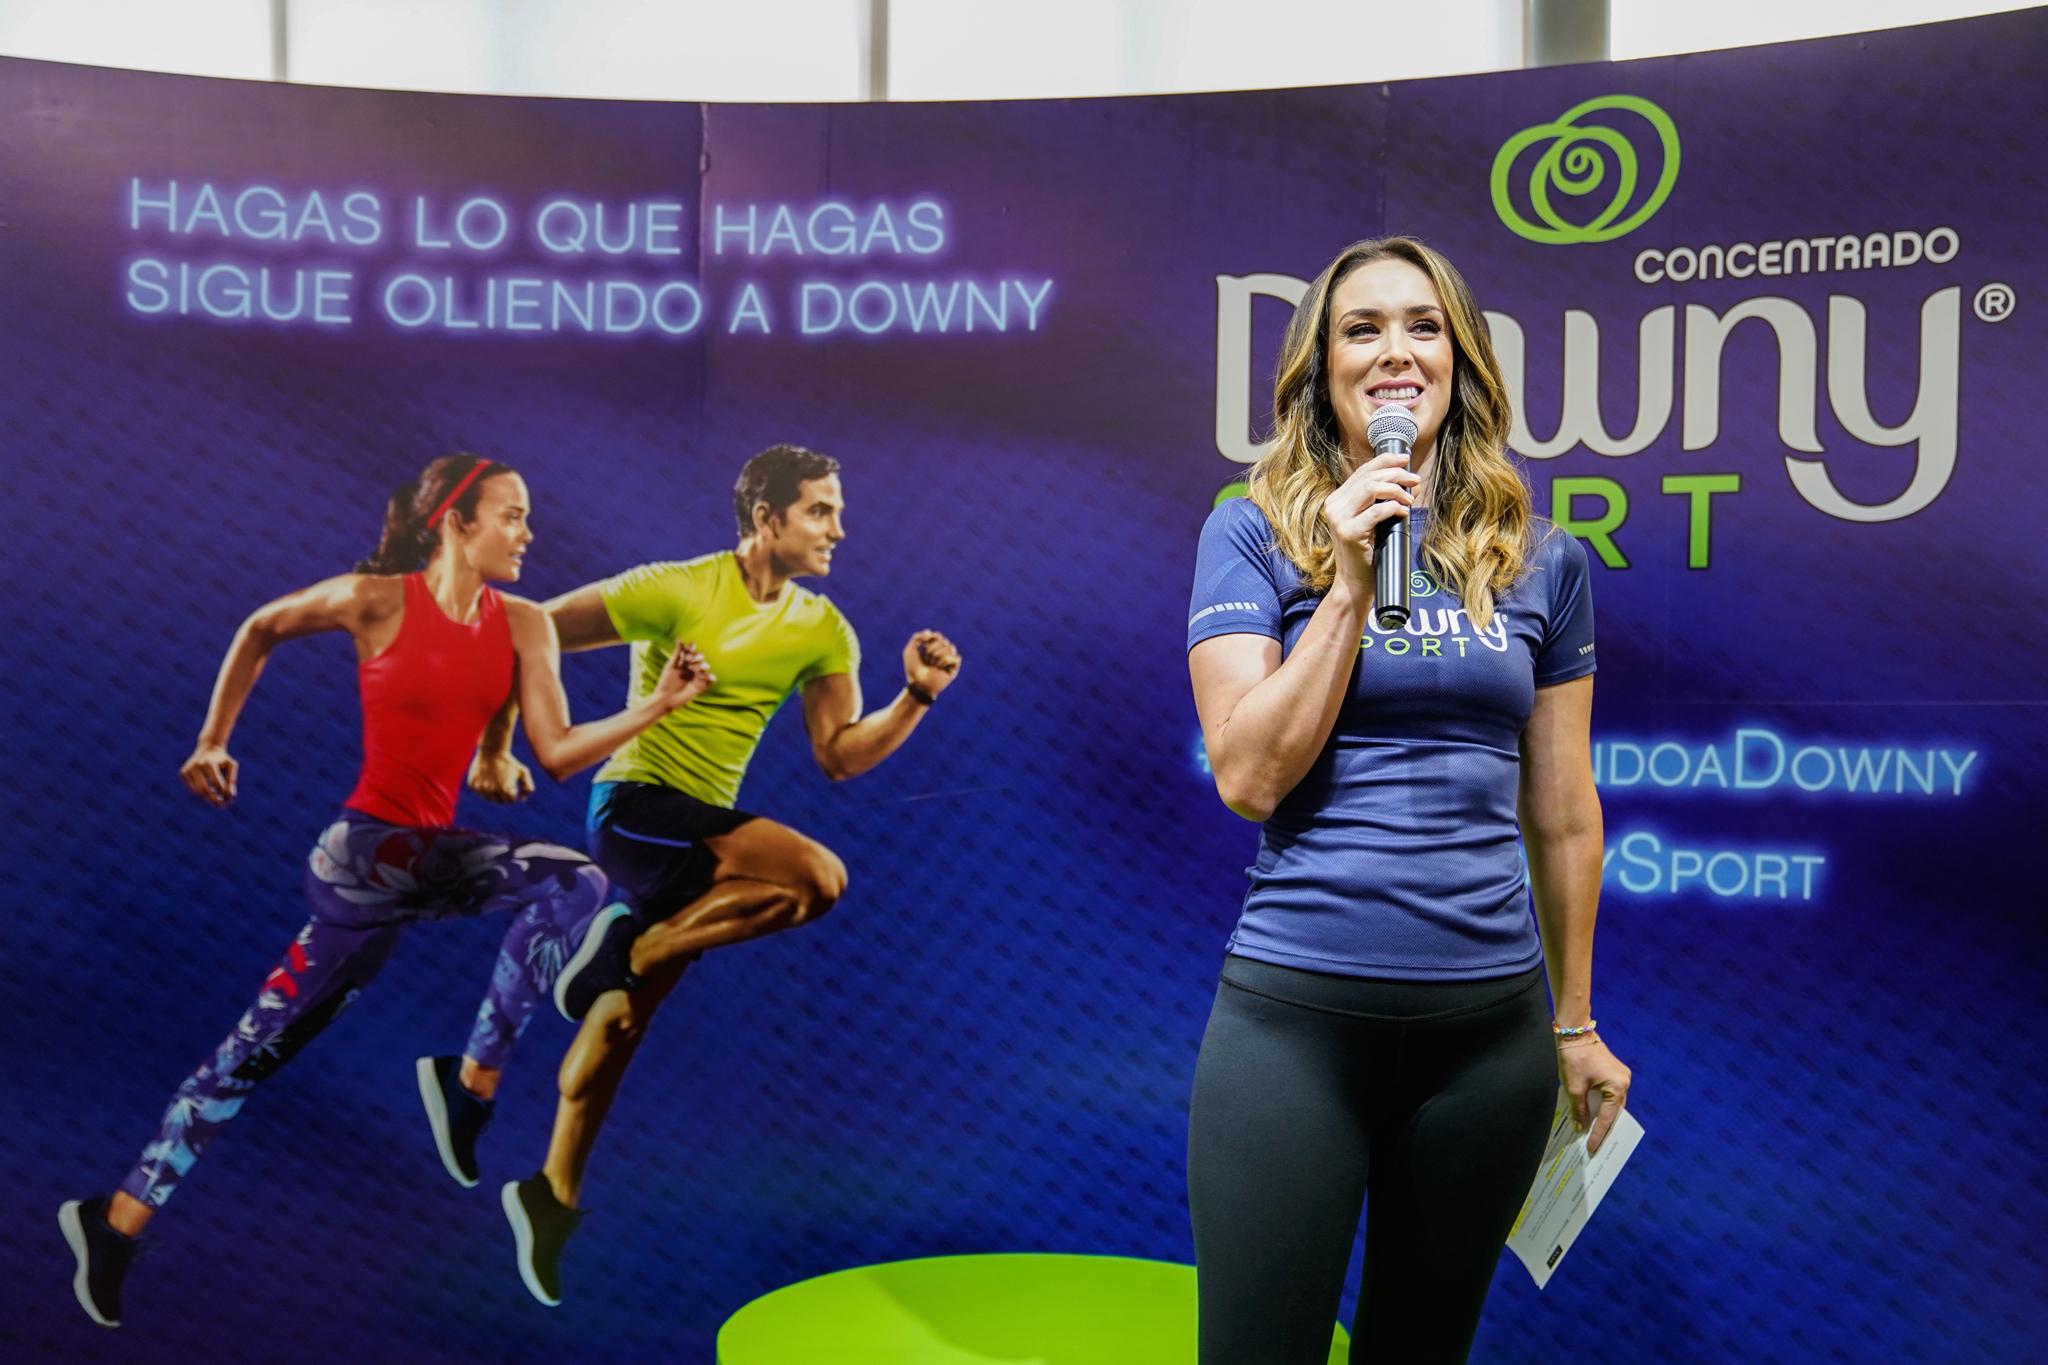 Downy Sport Jacky Bracamontes